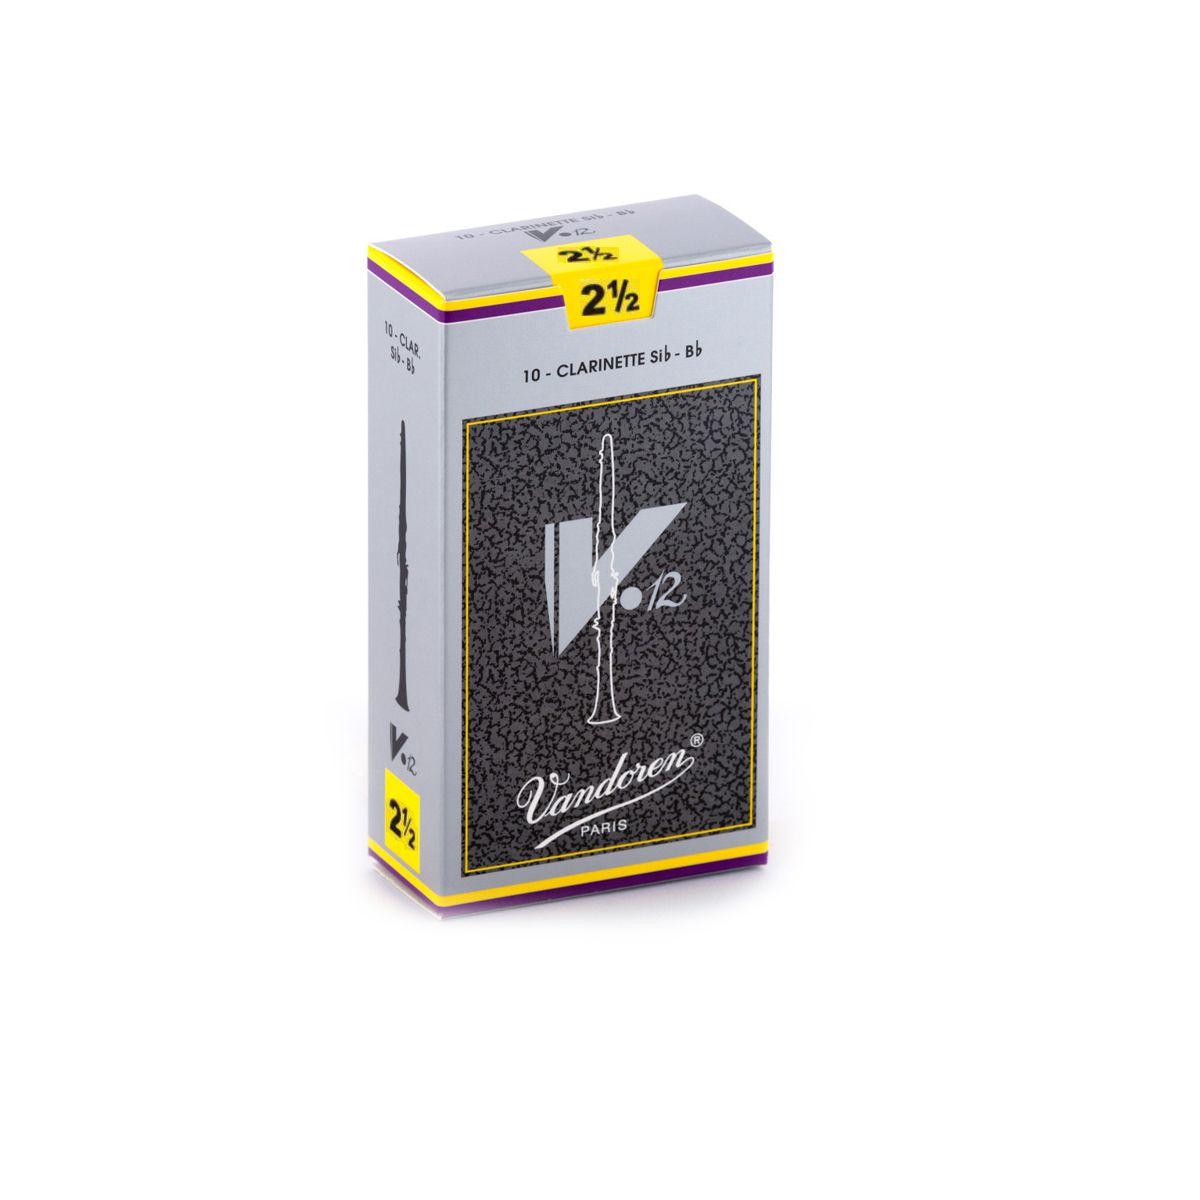 Palheta Vandoren V12 Nº 2,5 para Clarinete Sib